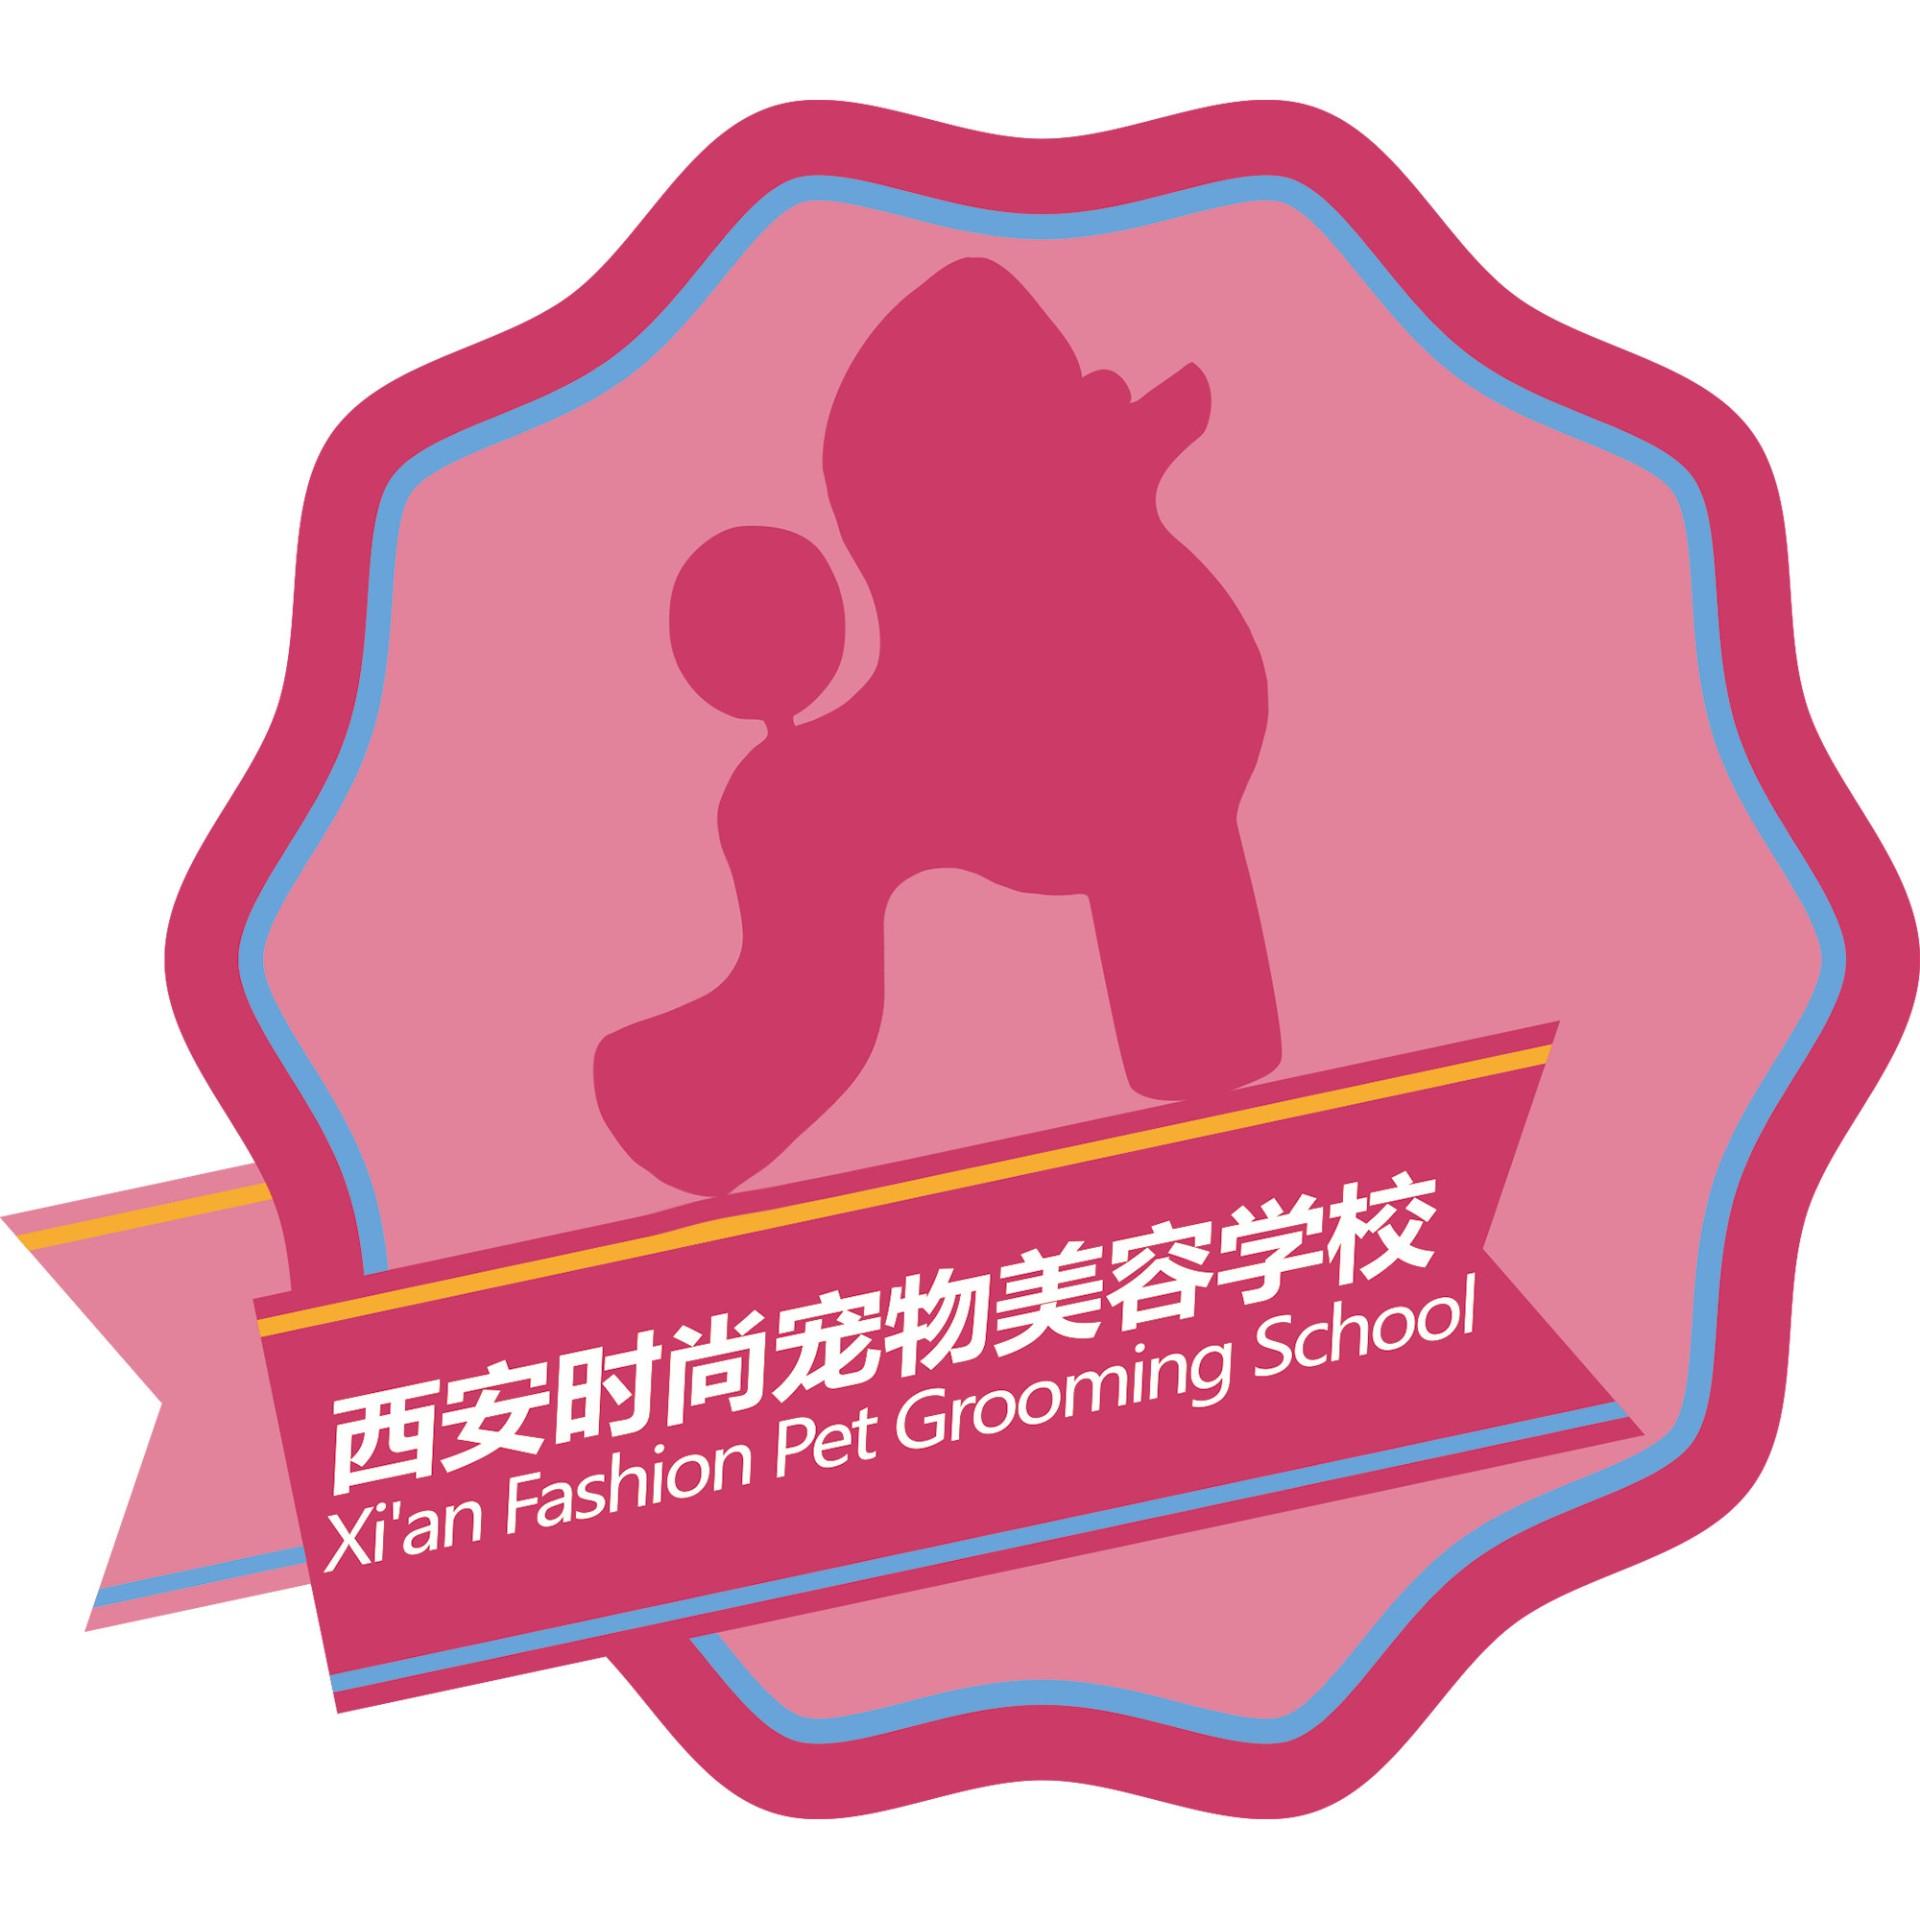 西安时尚宠物美容职业技能培训学校